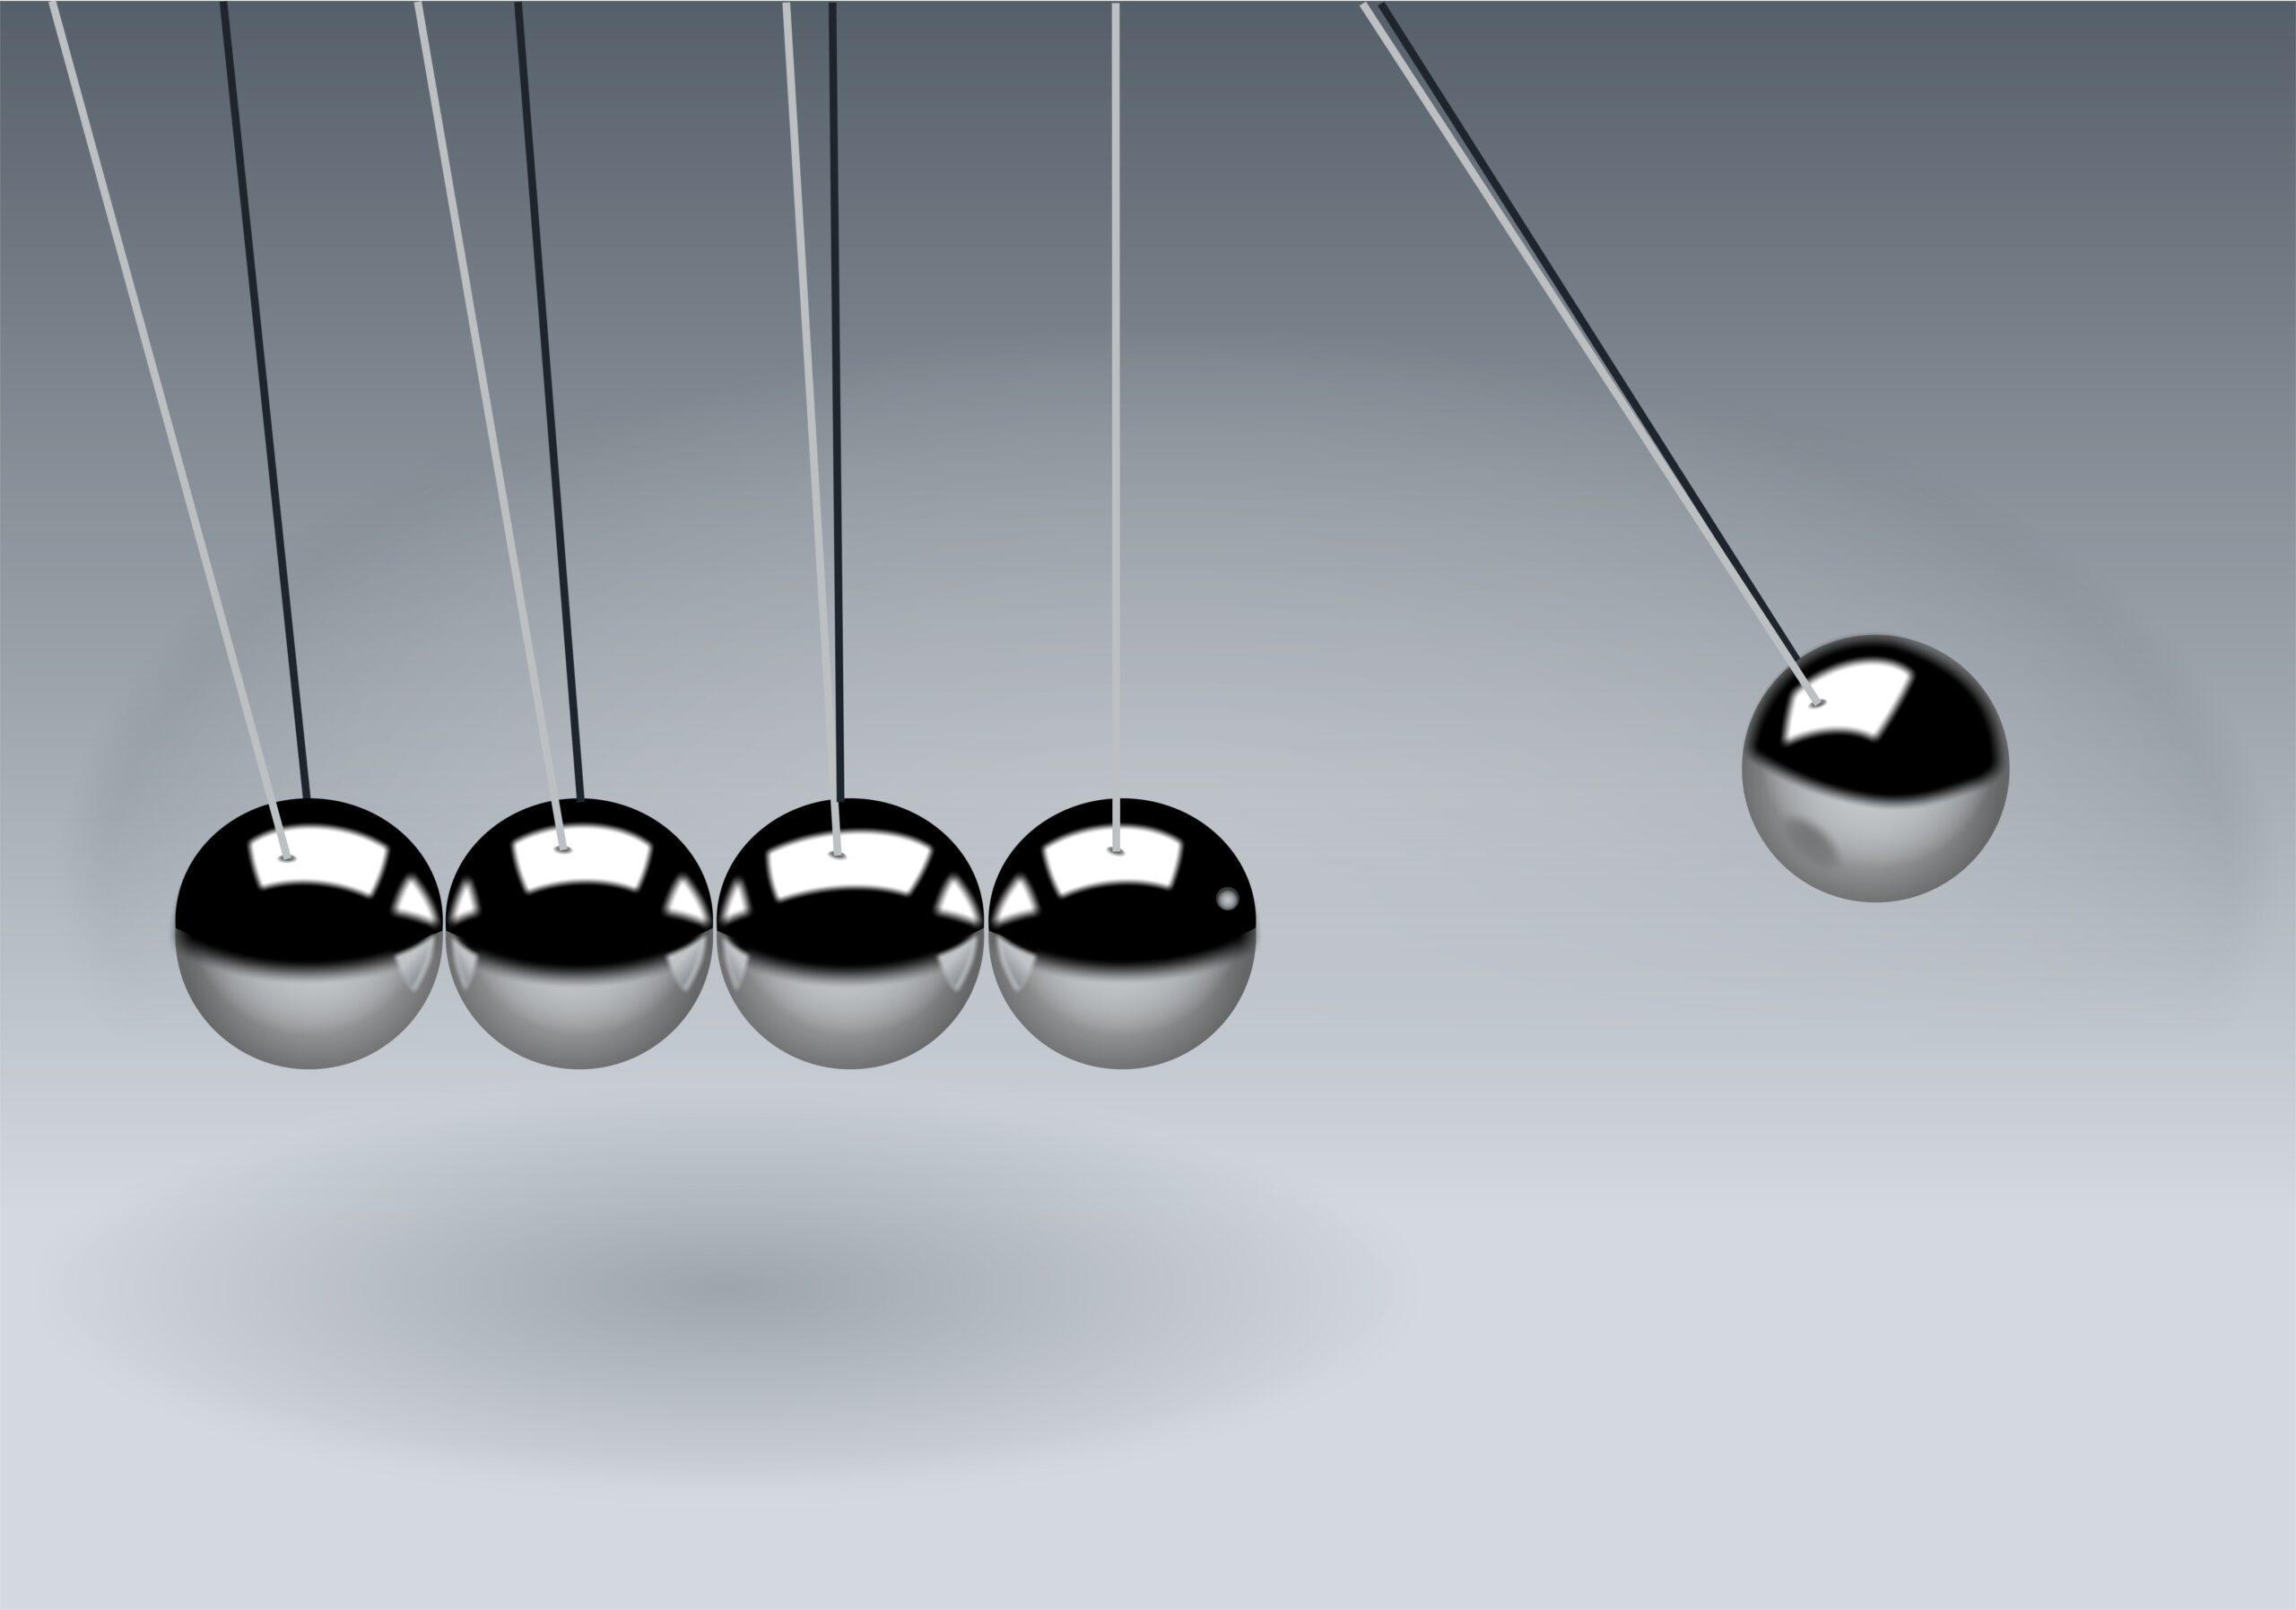 Πώς αναλαμβάνουμε την ευθύνη και επωφελούμαστε από όσα μας συμβαίνουν;